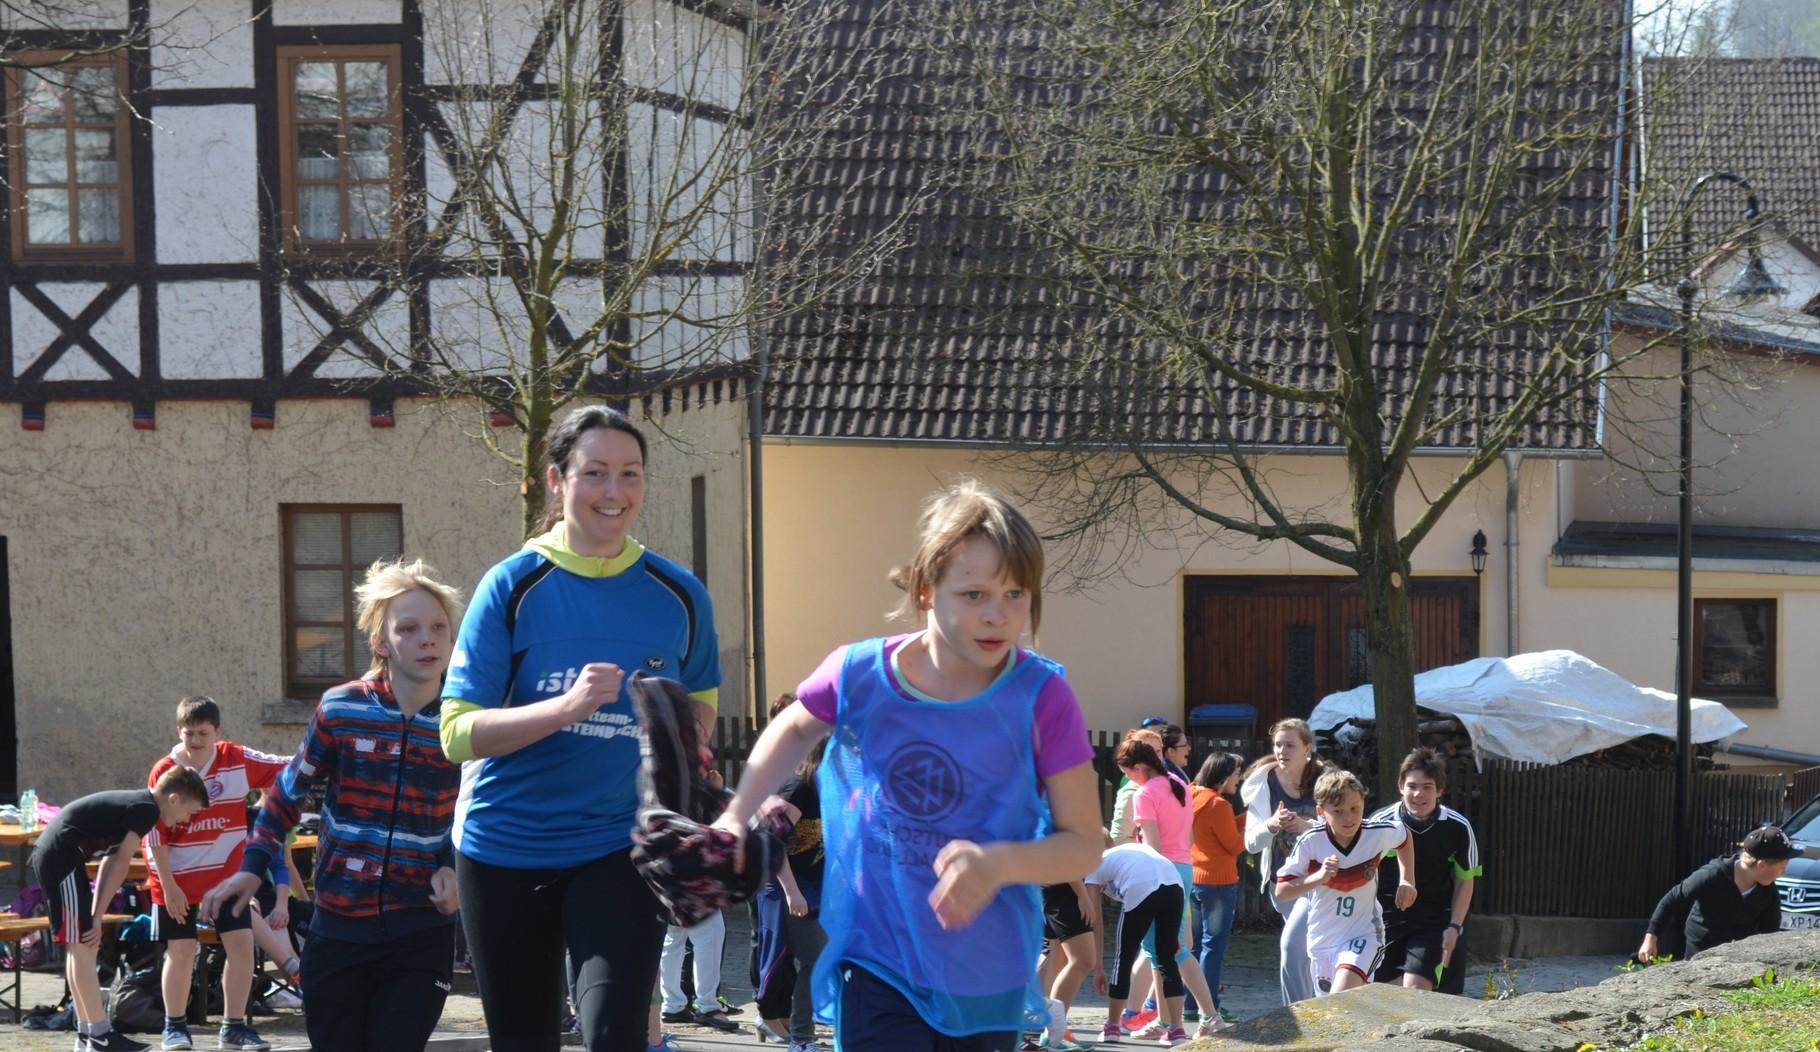 Die Landtagsabgeordnete Kristin Floßmann unterstützte den Lauf aktiv!